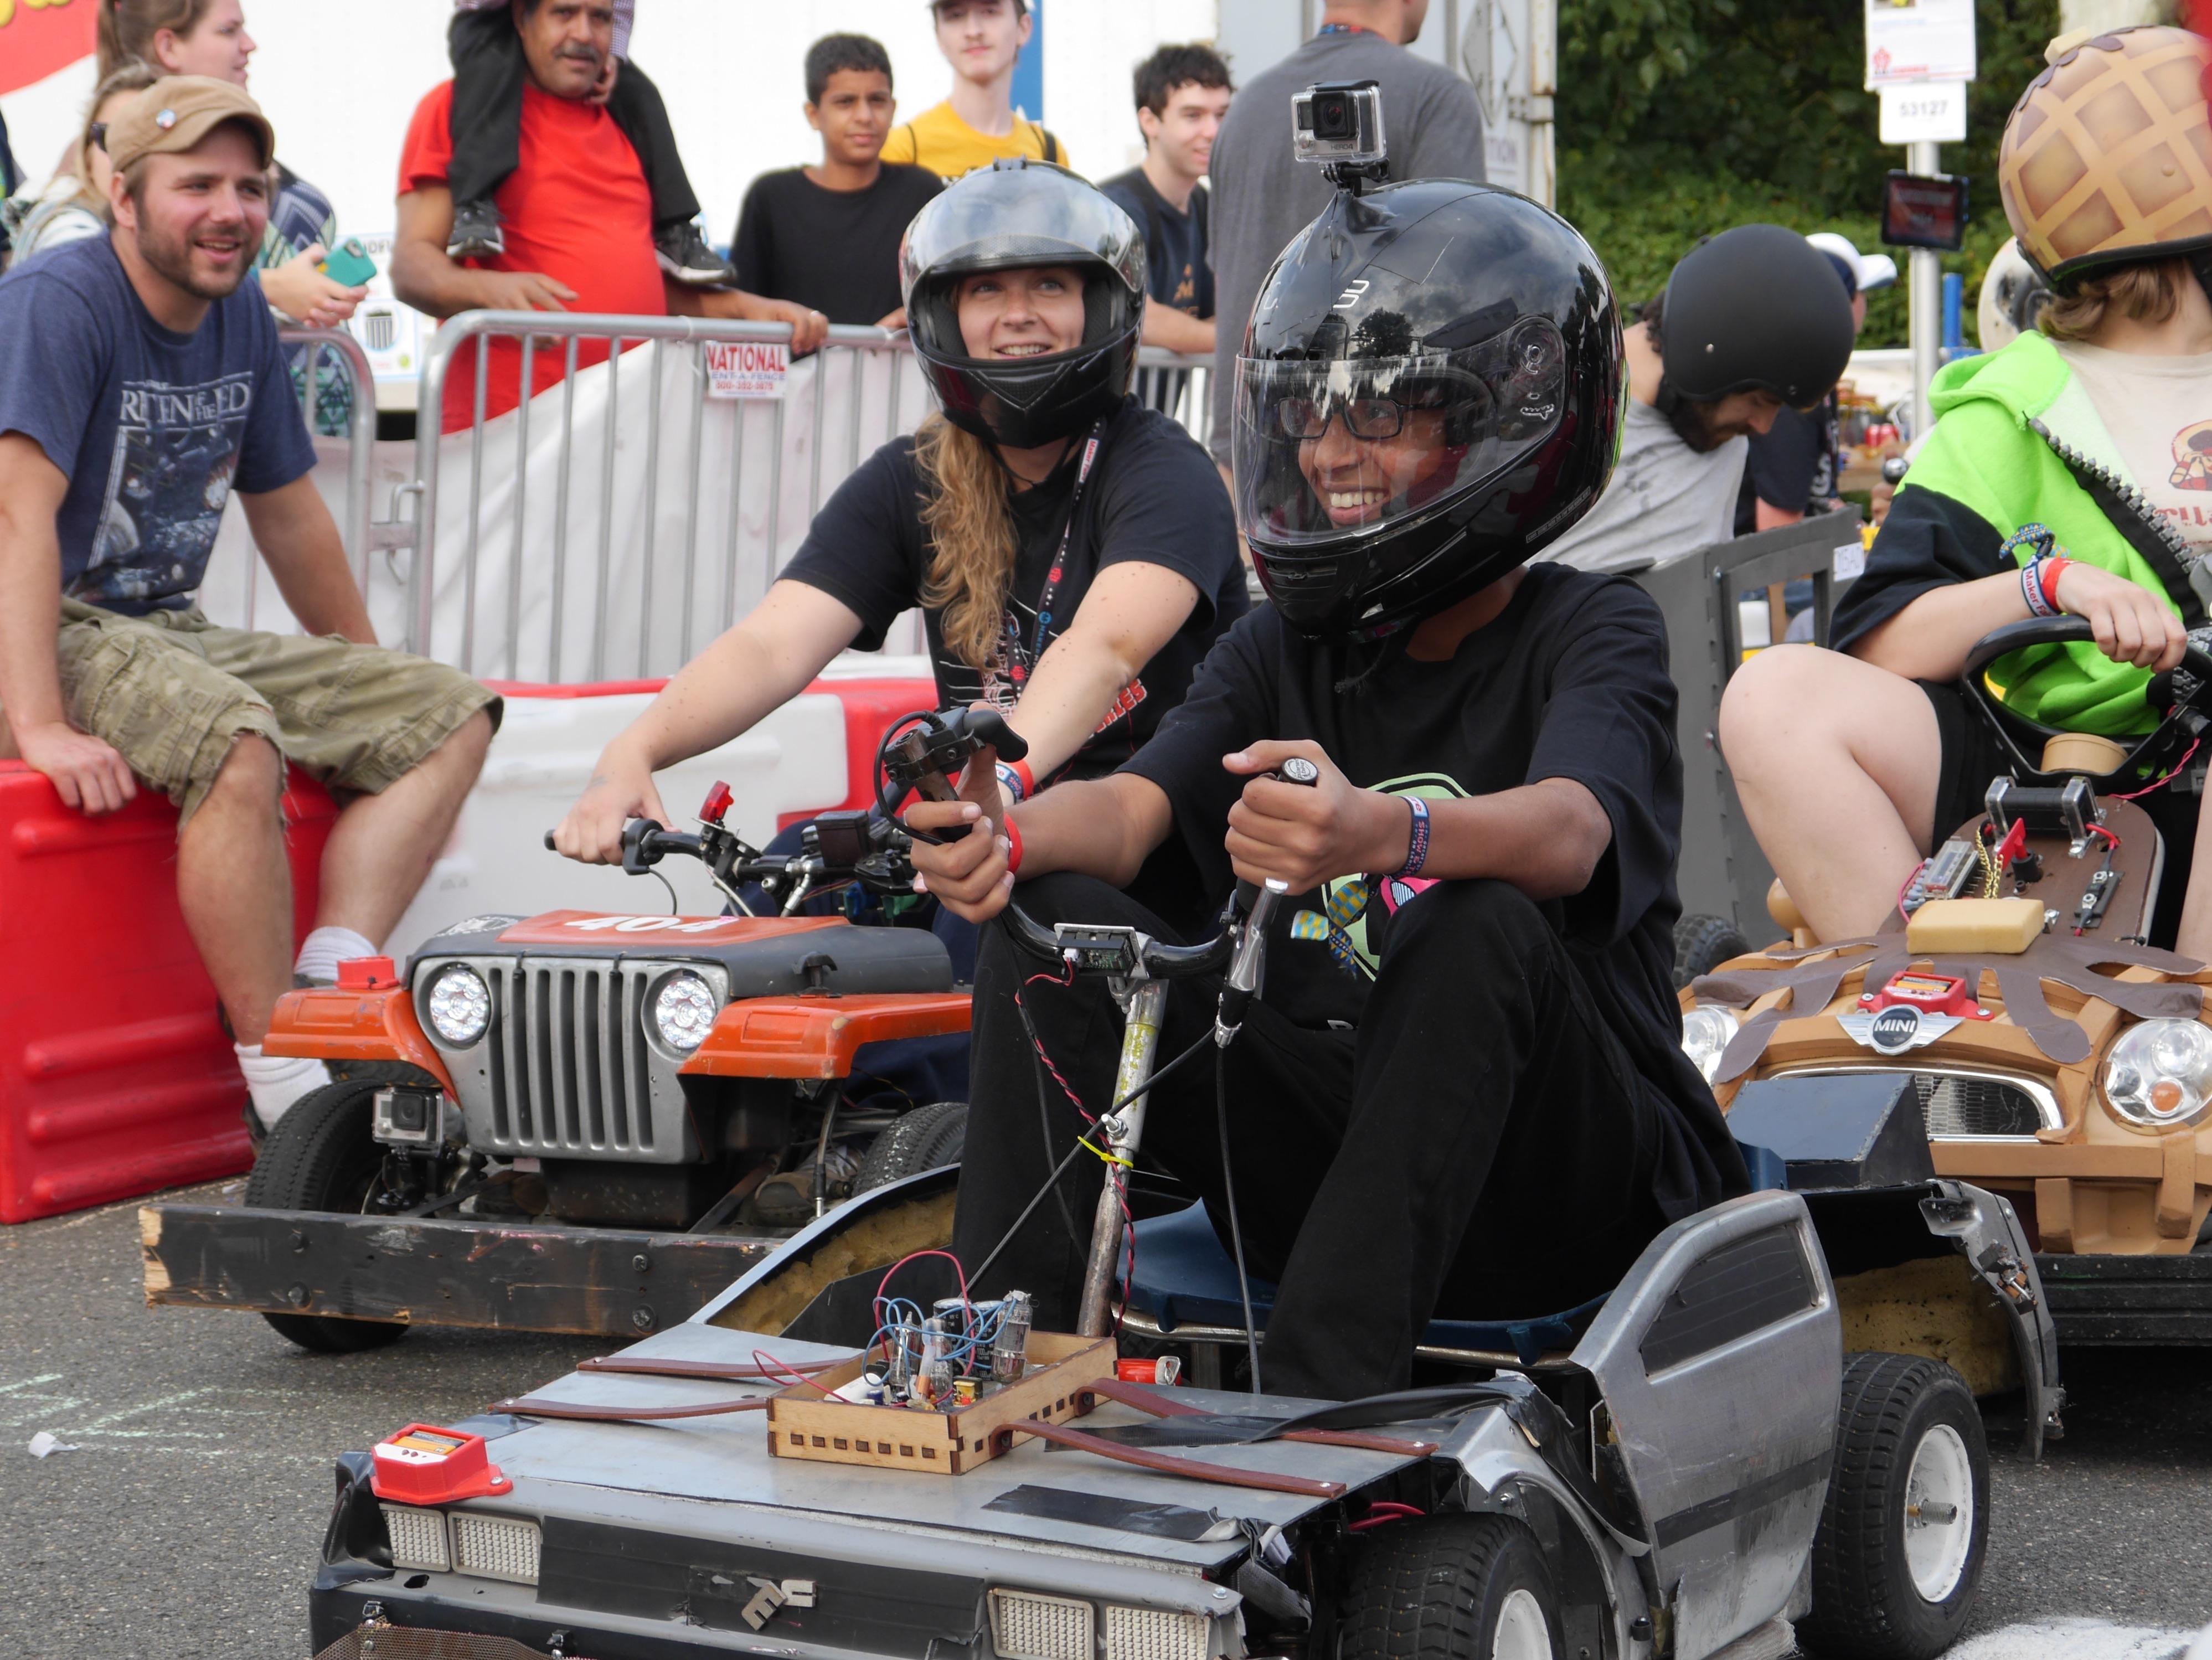 Ahmed Mohamed Races DeLorean Go Kart at World Maker Faire